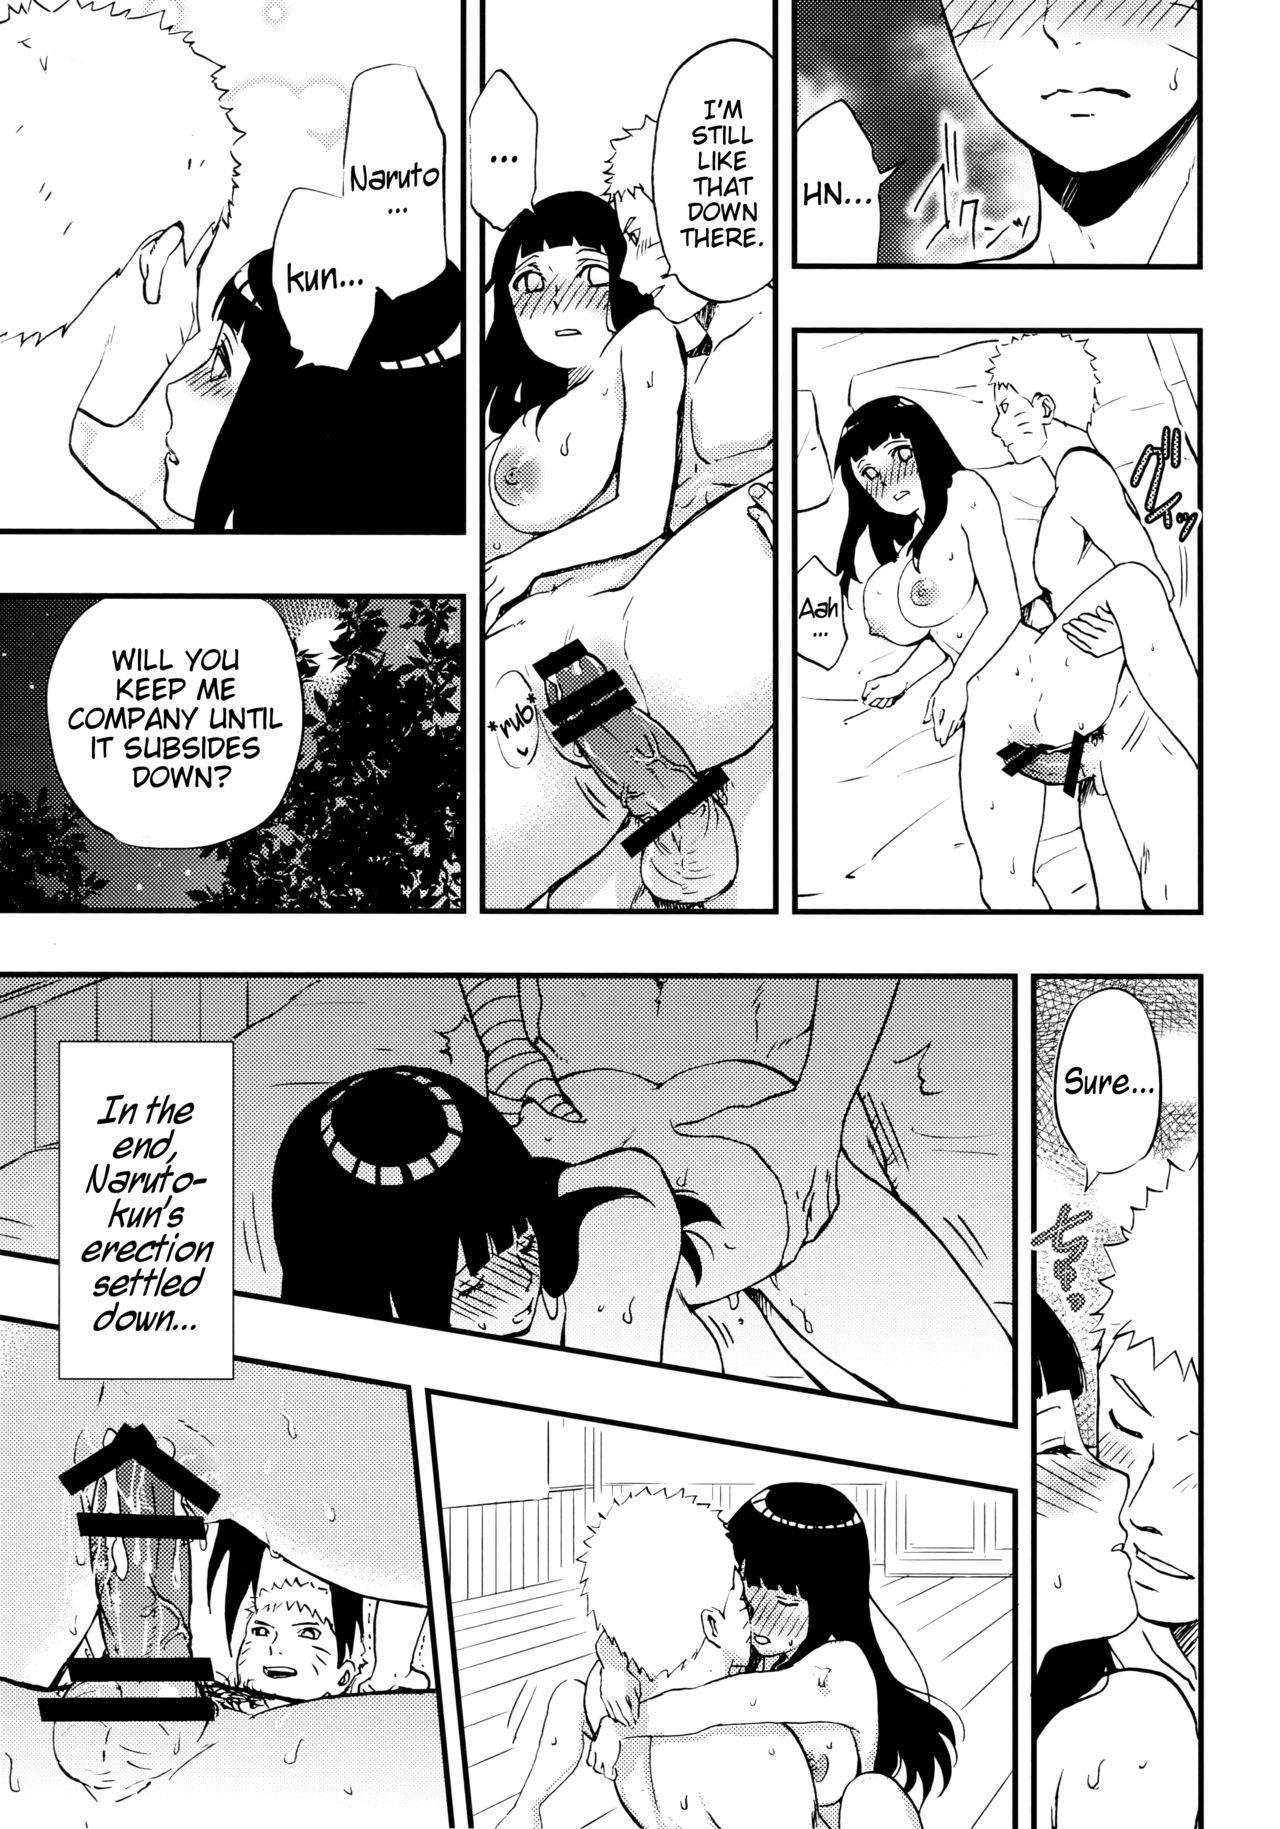 (Zennin Shuuketsu 12) [LUNACY (Aika)] Naruto-kun o Genki ni Suru Yubisaki | I used my fingertips to revitalize Naruto-kun (Naruto) [English] 19